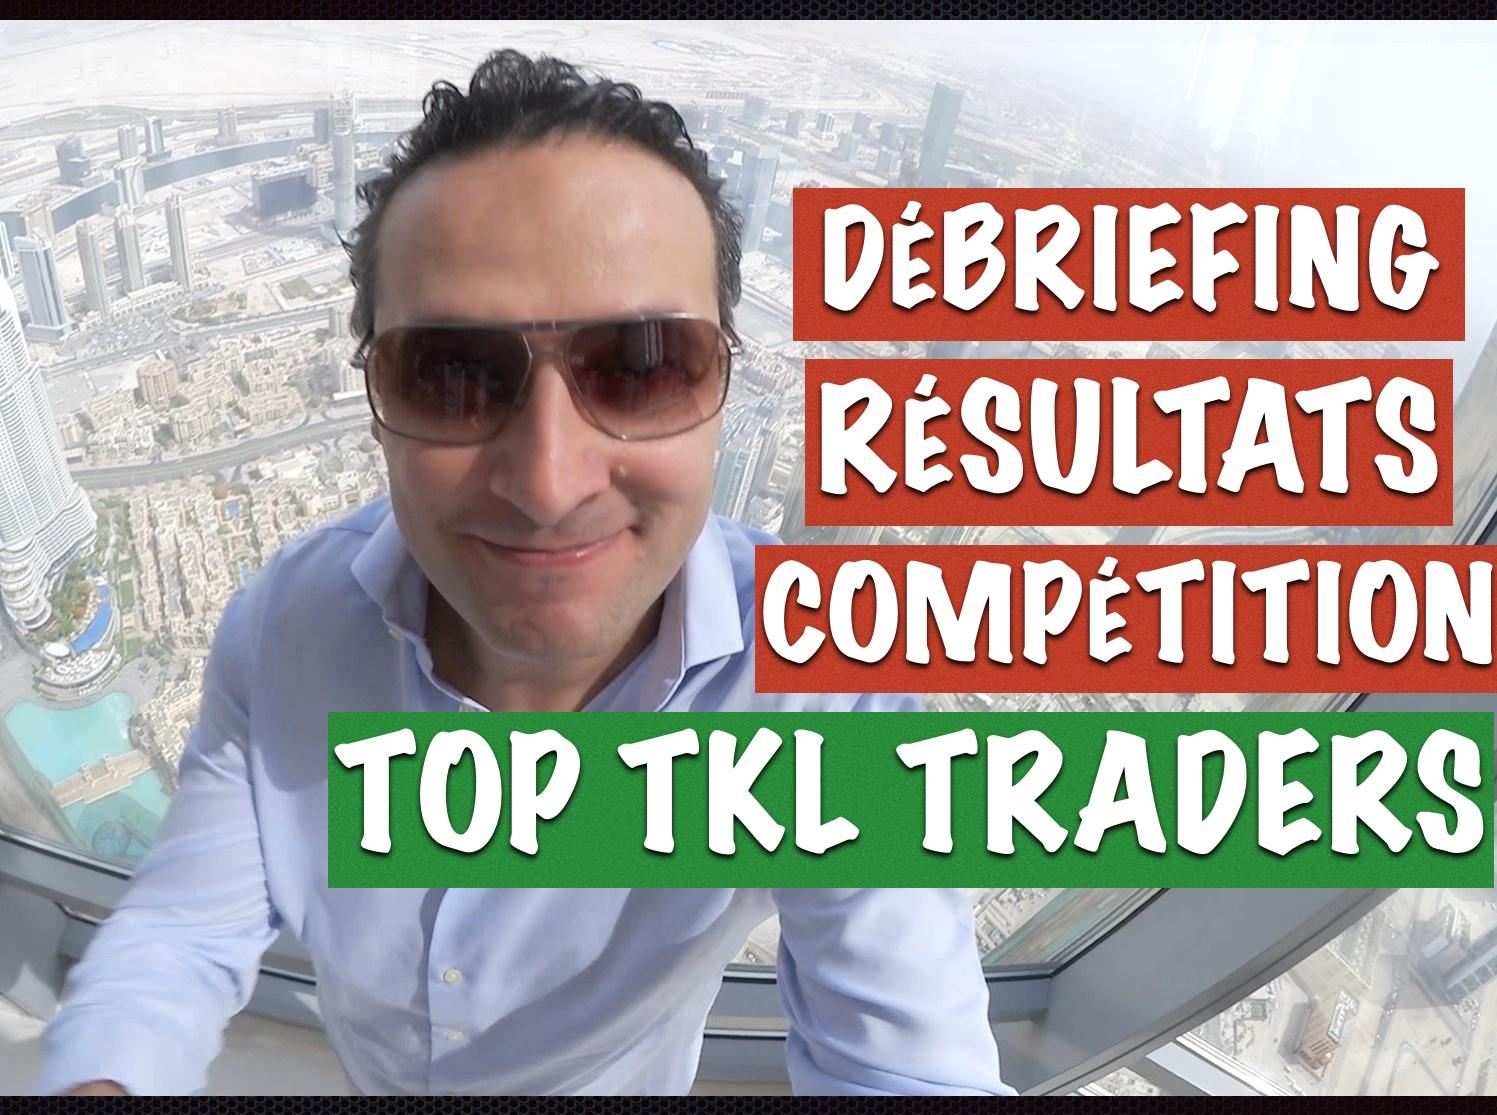 Debriefing des Resultats de la competition TOP TKL TRADER